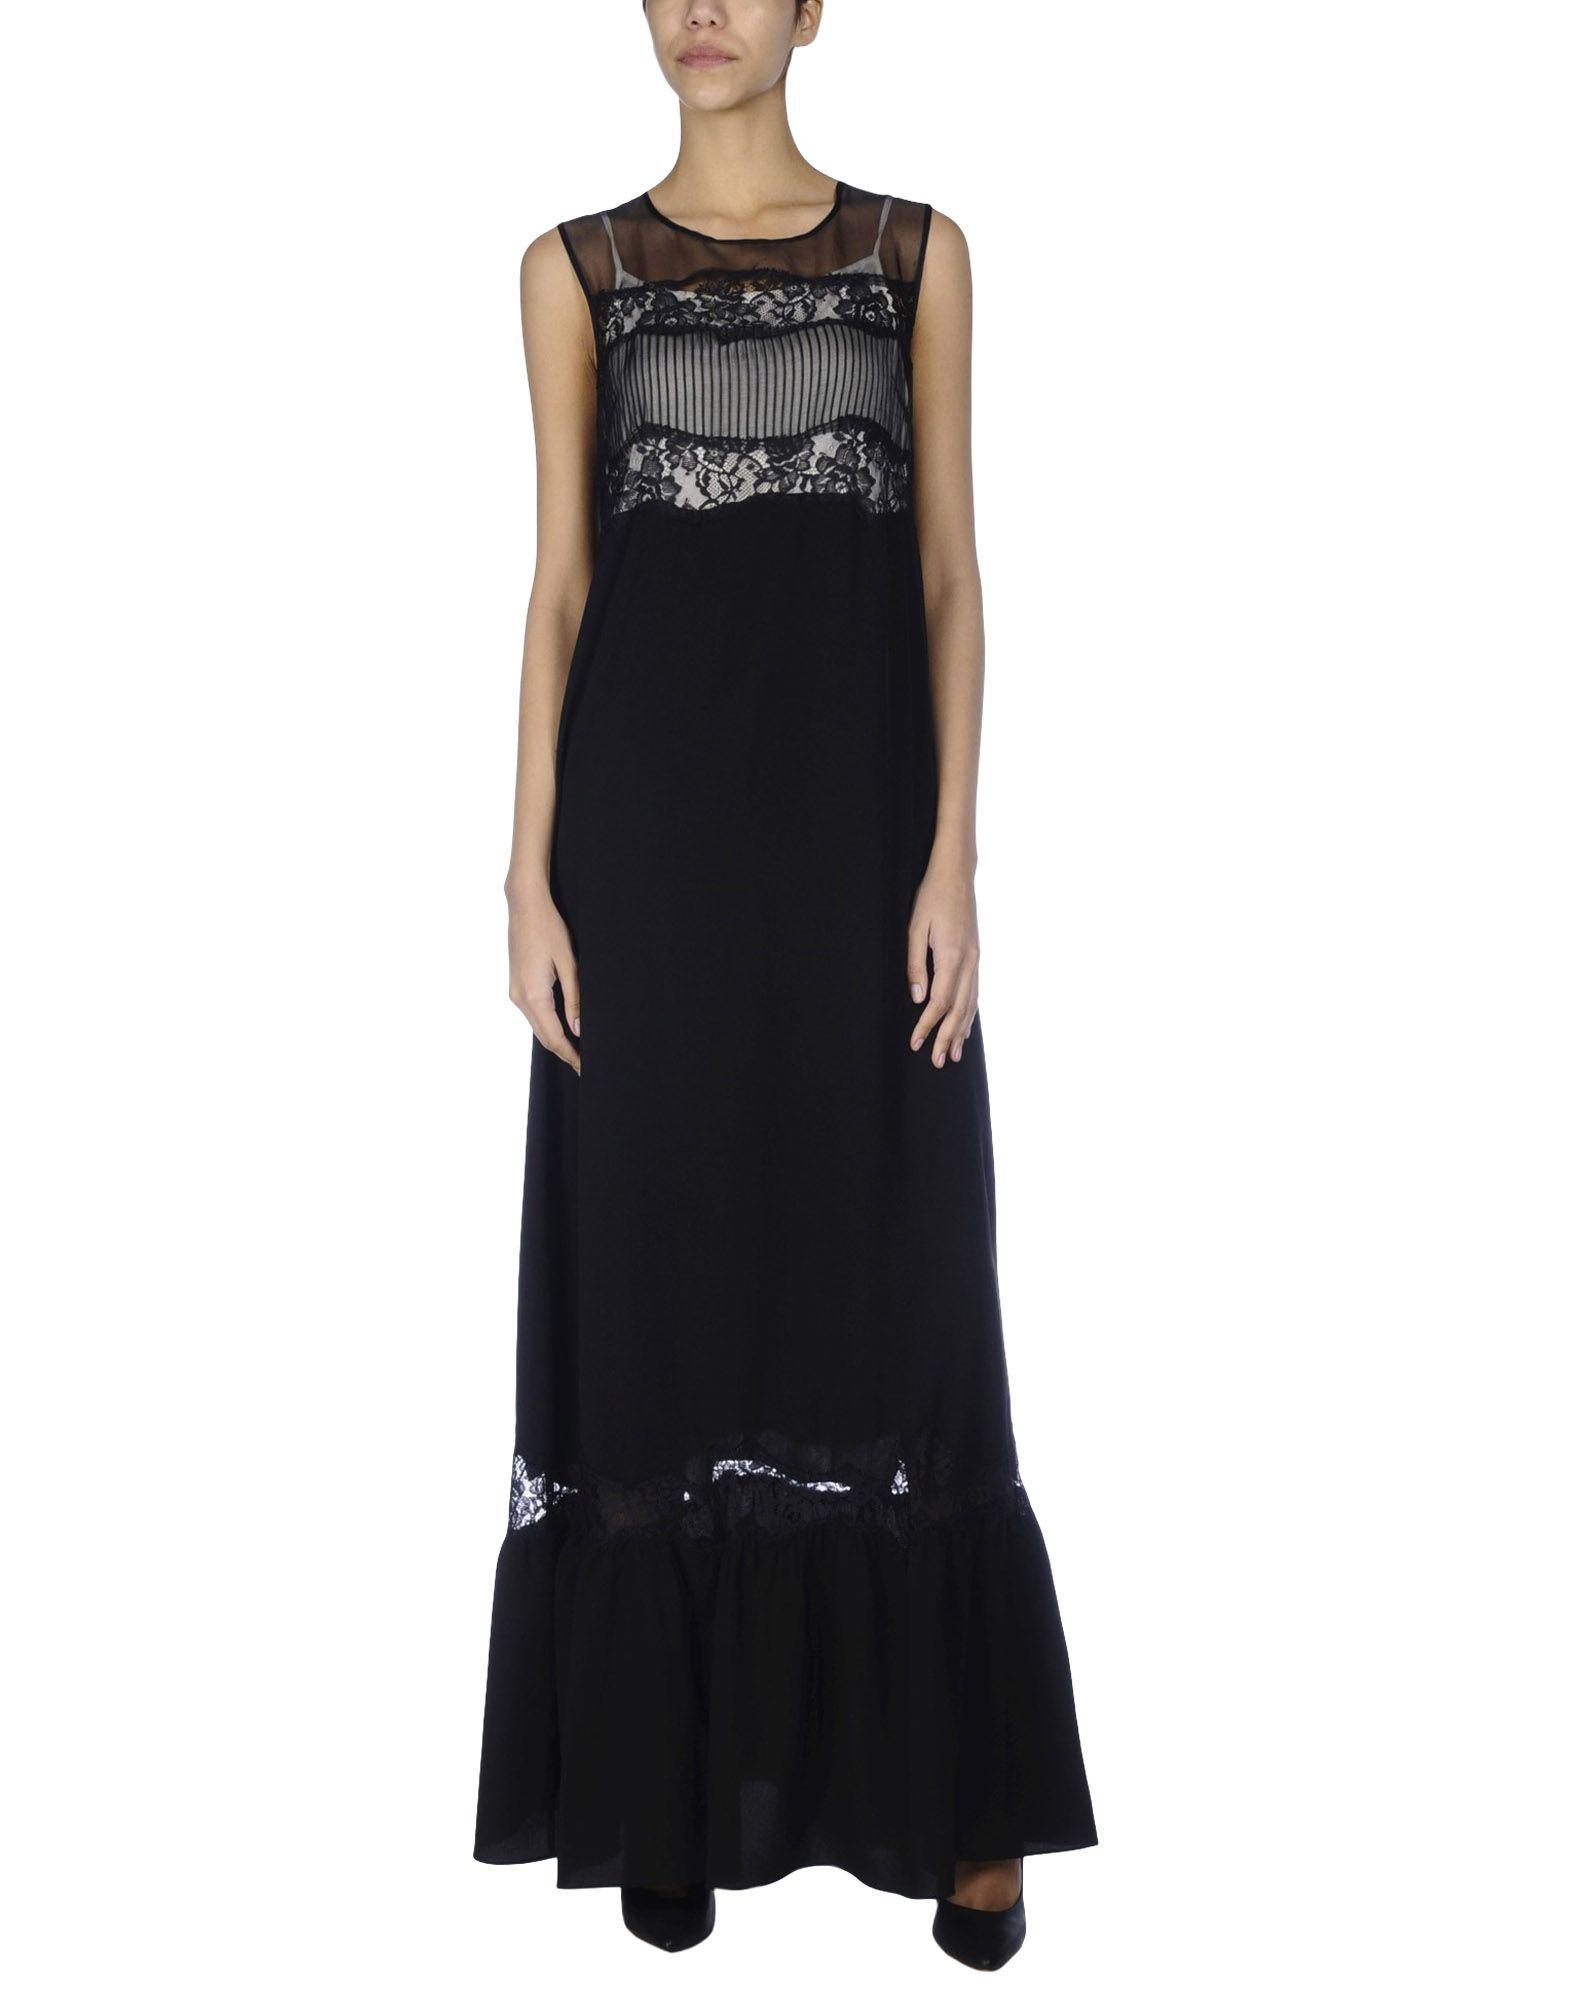 TWINSET Длинное платье lovaru ™новый 2015 мода новые печатные органза сладкий простой талии платье женщина casual платье